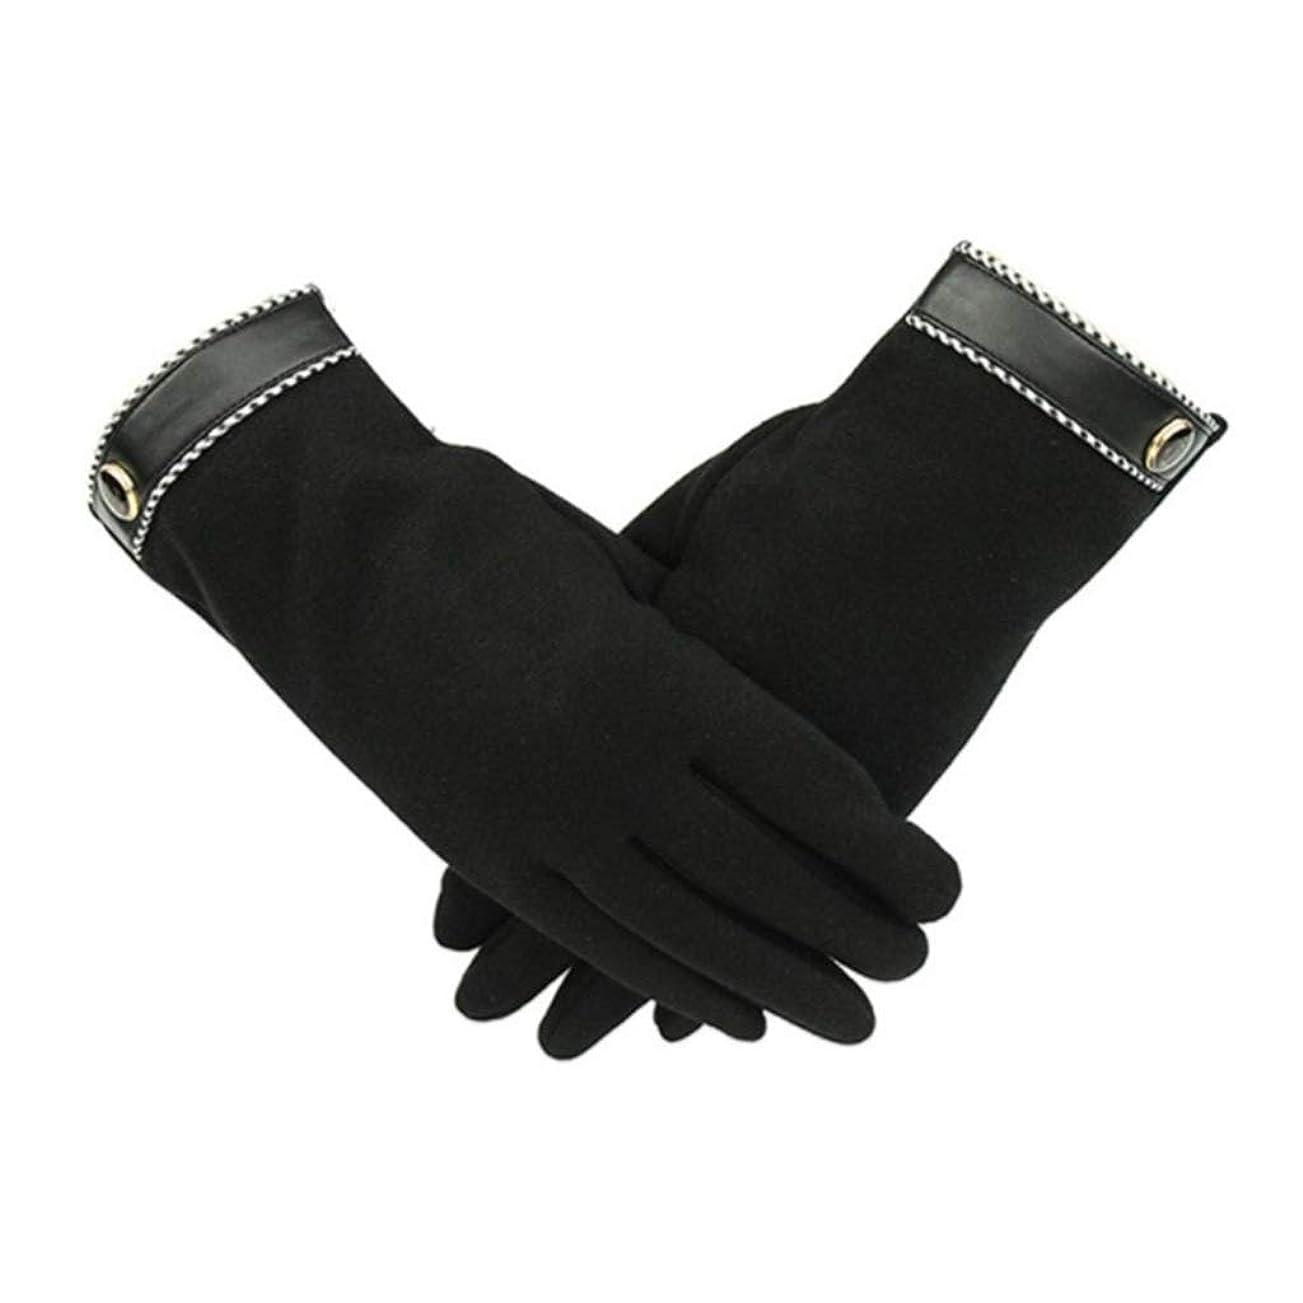 ペイント電話に出る郵便番号手袋の男性プラスベルベット暖かい春と秋冬の屋外旅行は、ベルベットのタッチスクリーンの手袋ではない (色 : 黒)